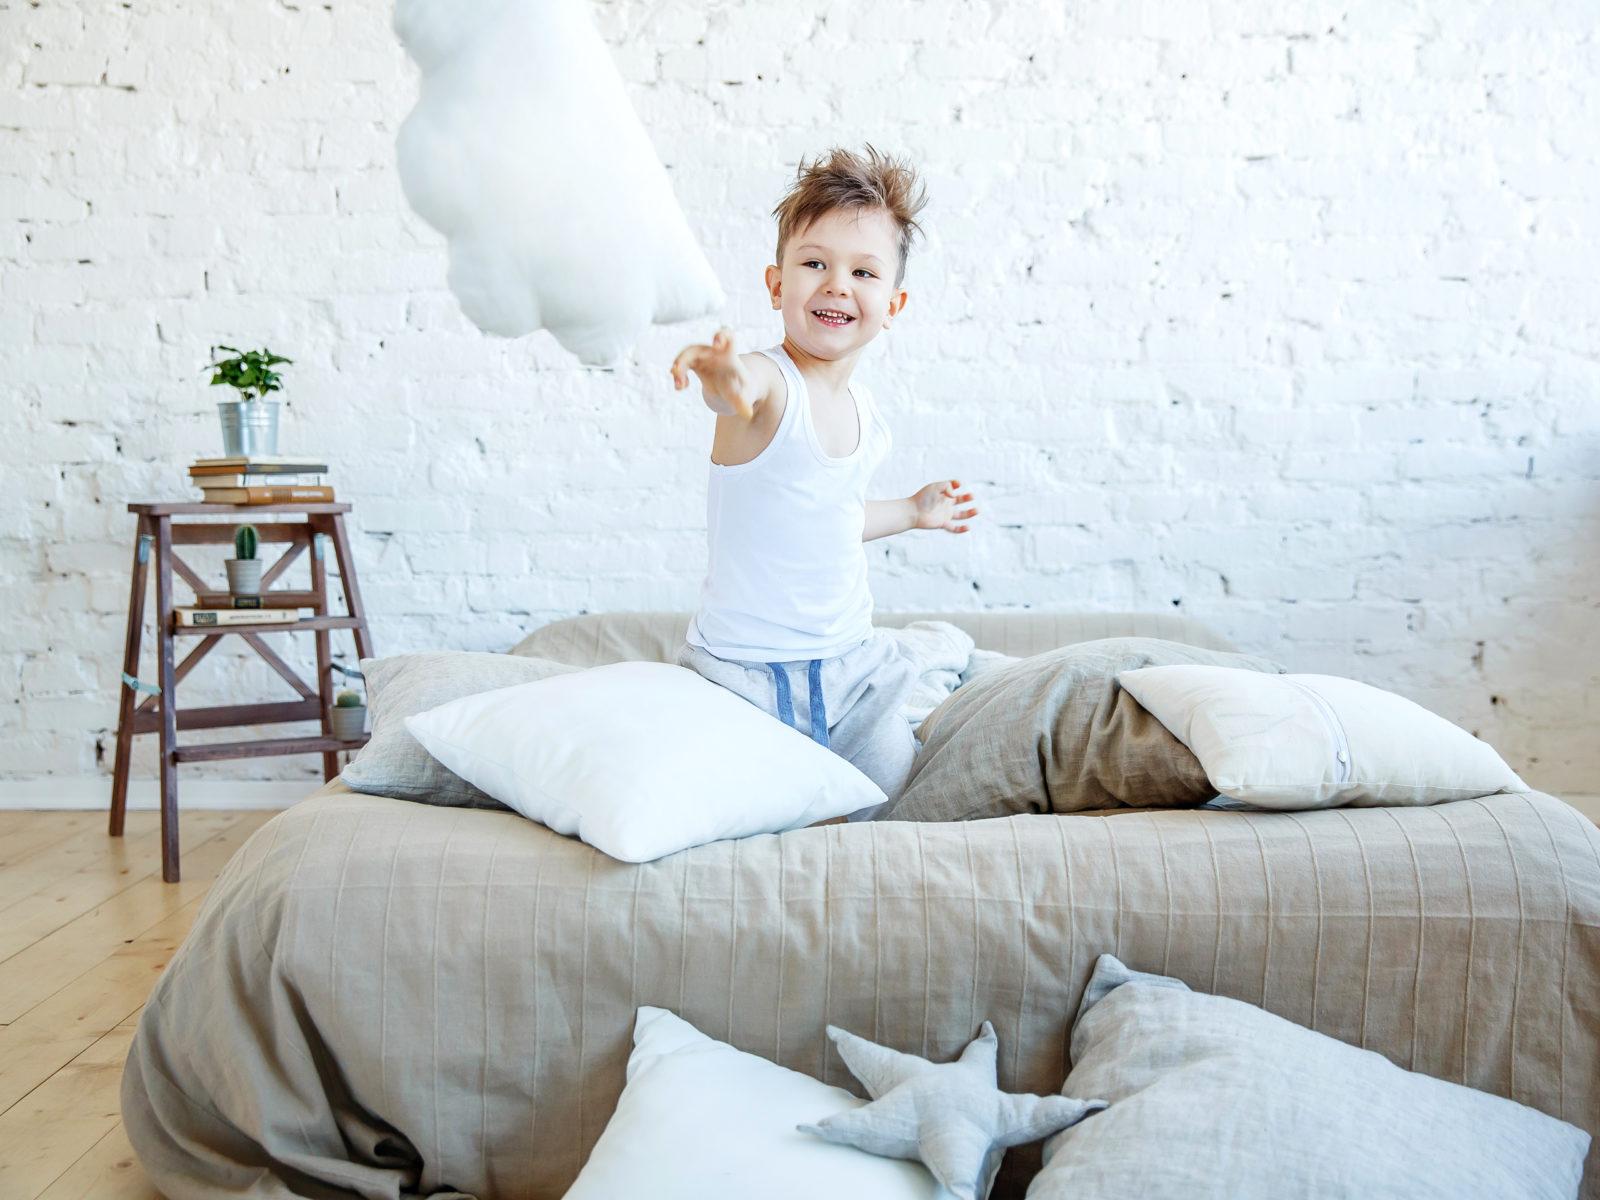 Как фотографировать детей: советы от Любы Забелкиной (часть 1)